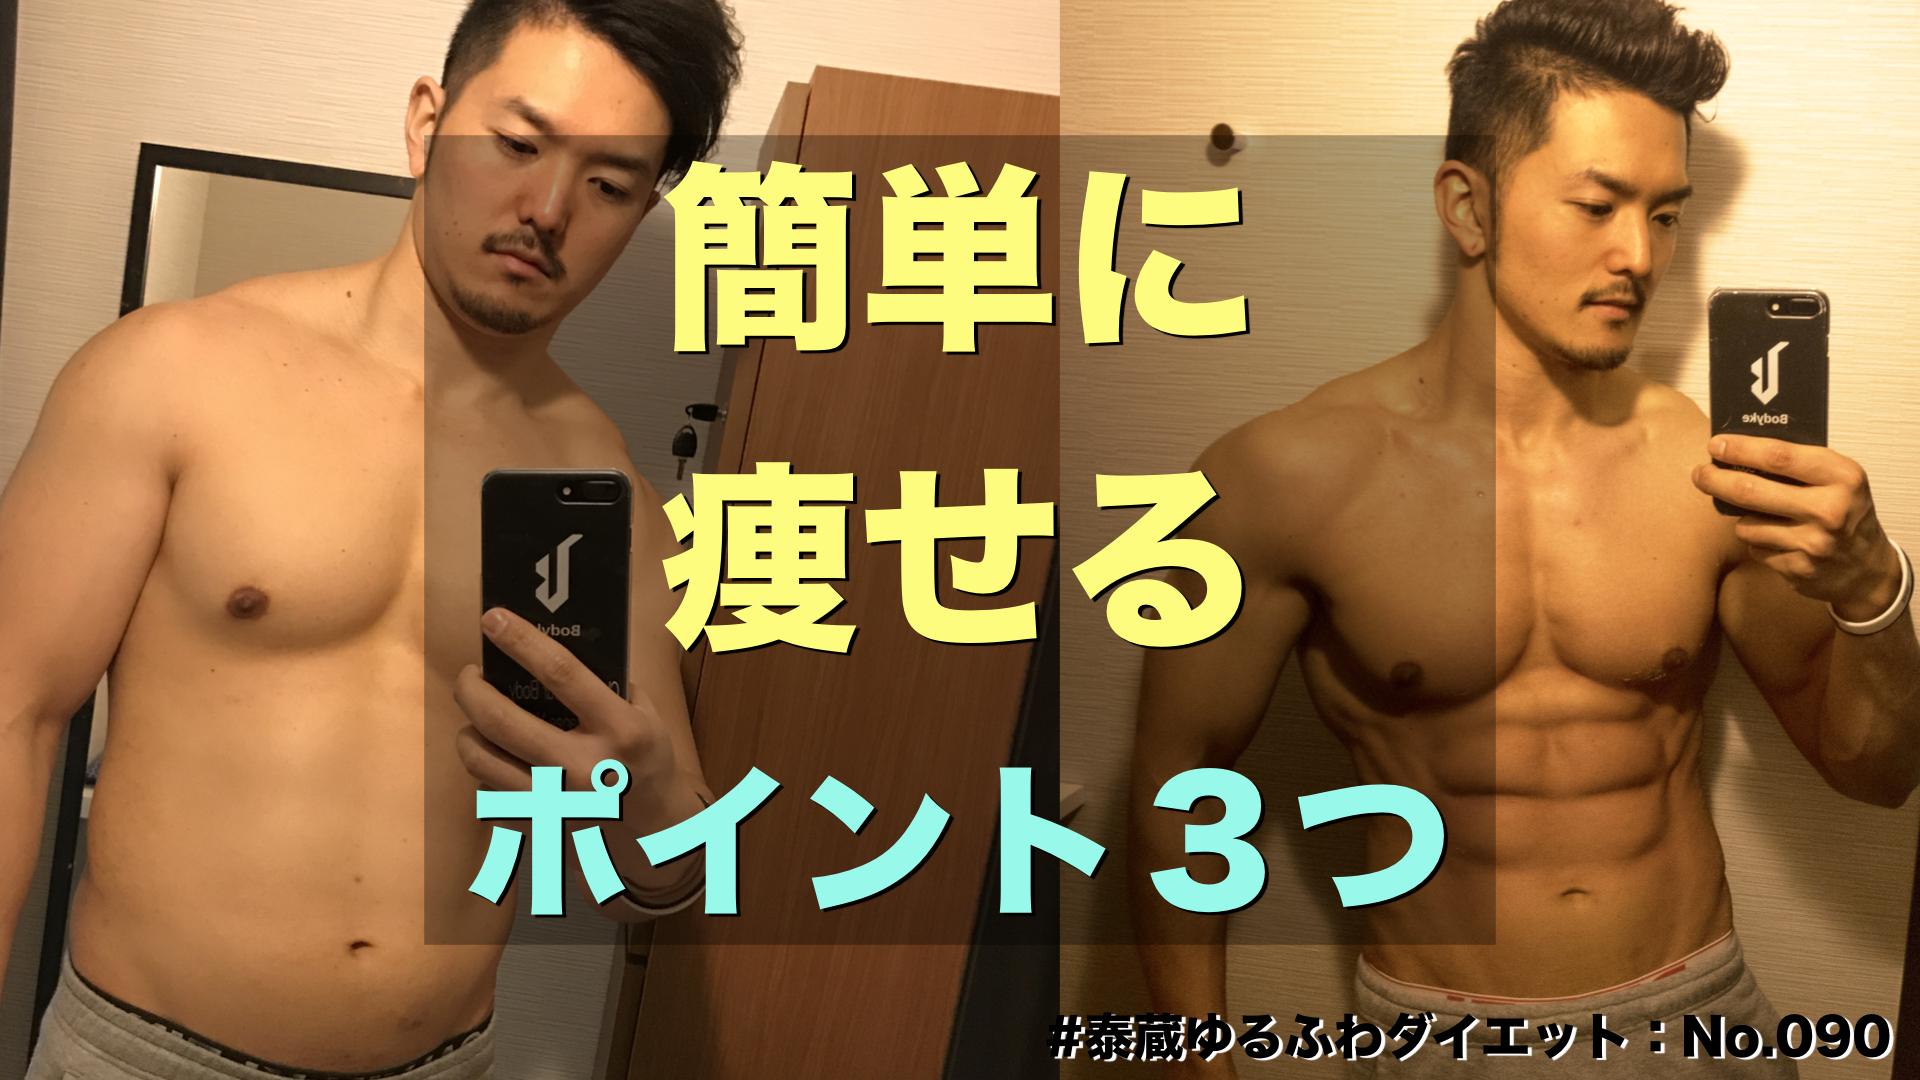 #ゆるふわダイエット090